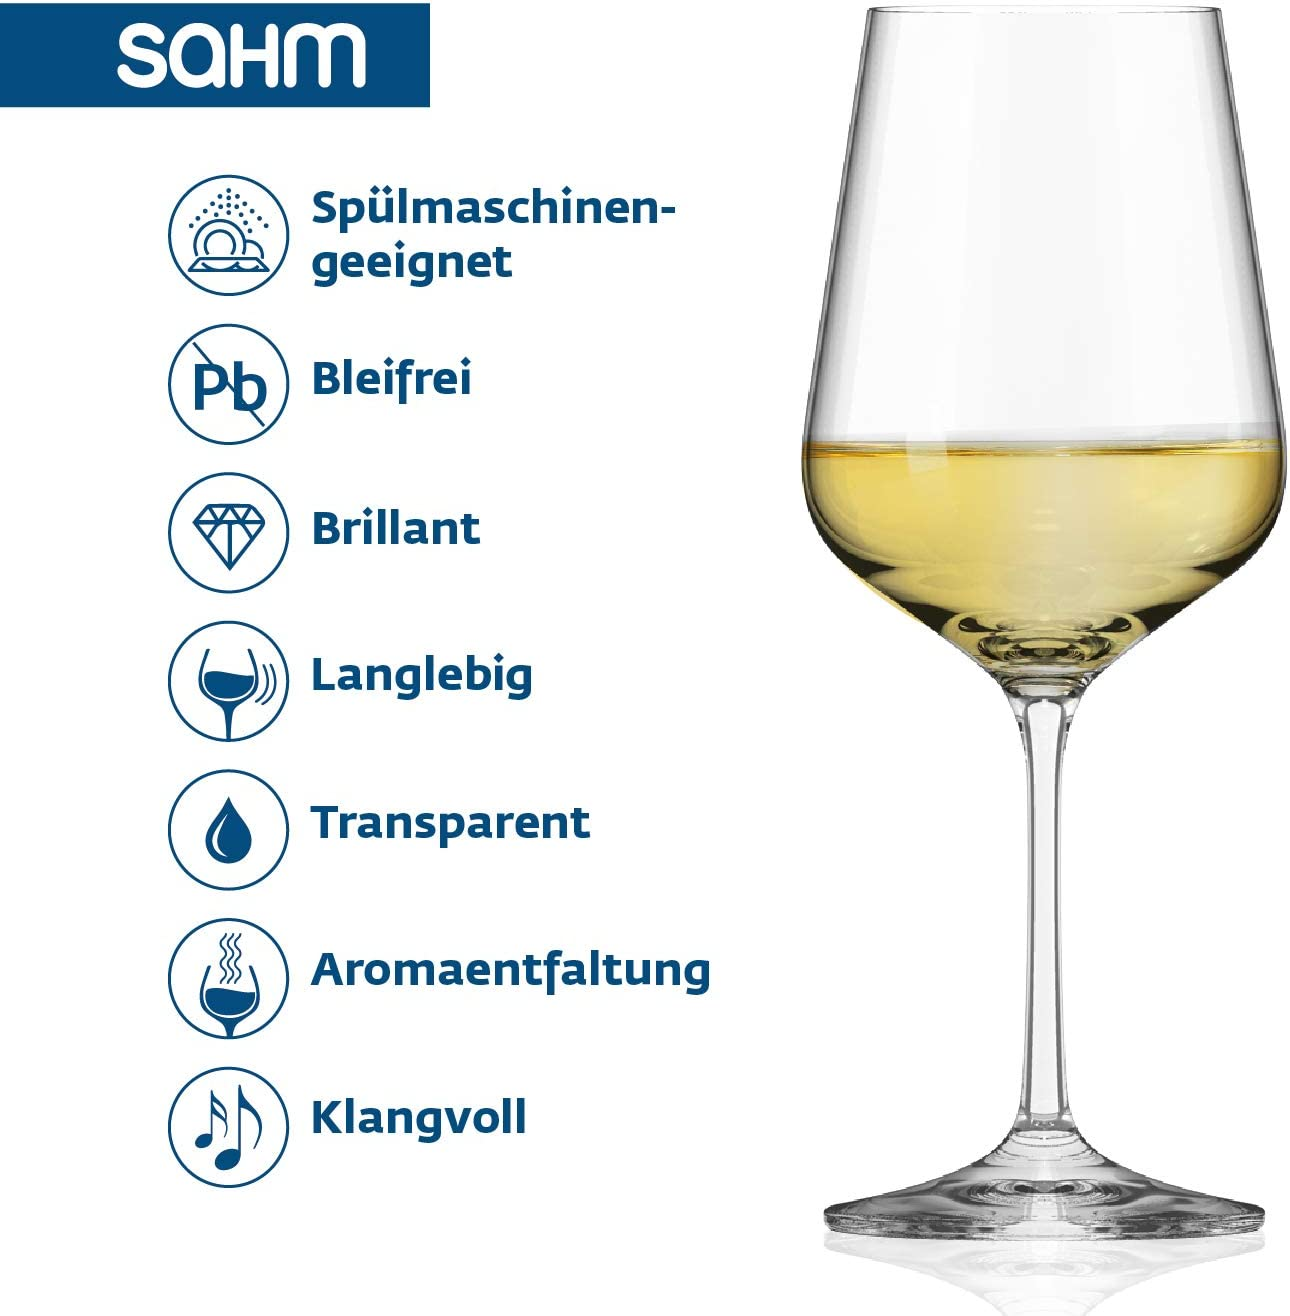   360 ml Weissweingl/äser 6 STK. Langlebiges Weingl/äser Set Weisswein Sp/ülmaschinengeeignet Sahm Weingl/äser Weisswein Set